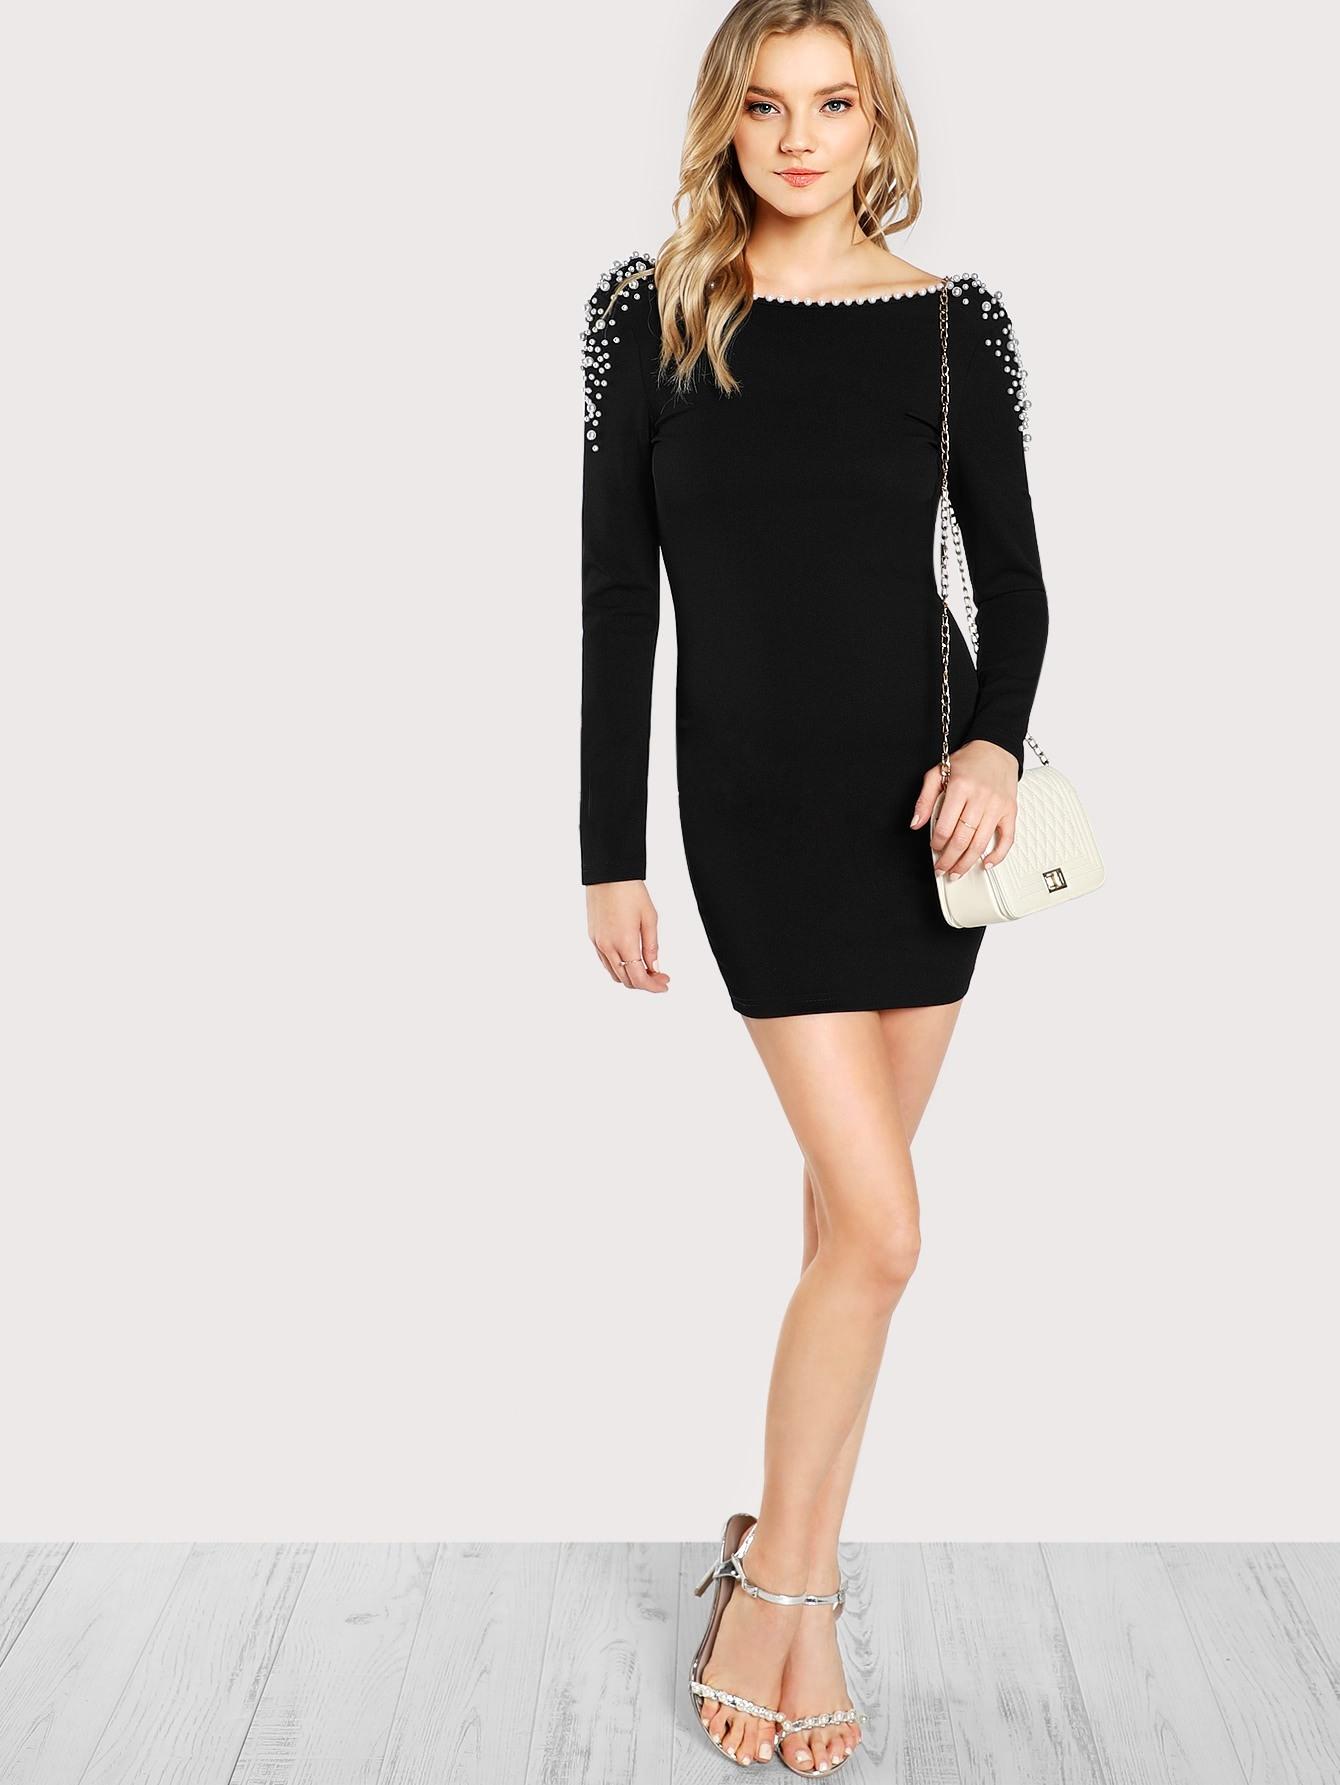 20 Erstaunlich Rückenfreies Kleid Galerie13 Kreativ Rückenfreies Kleid Design